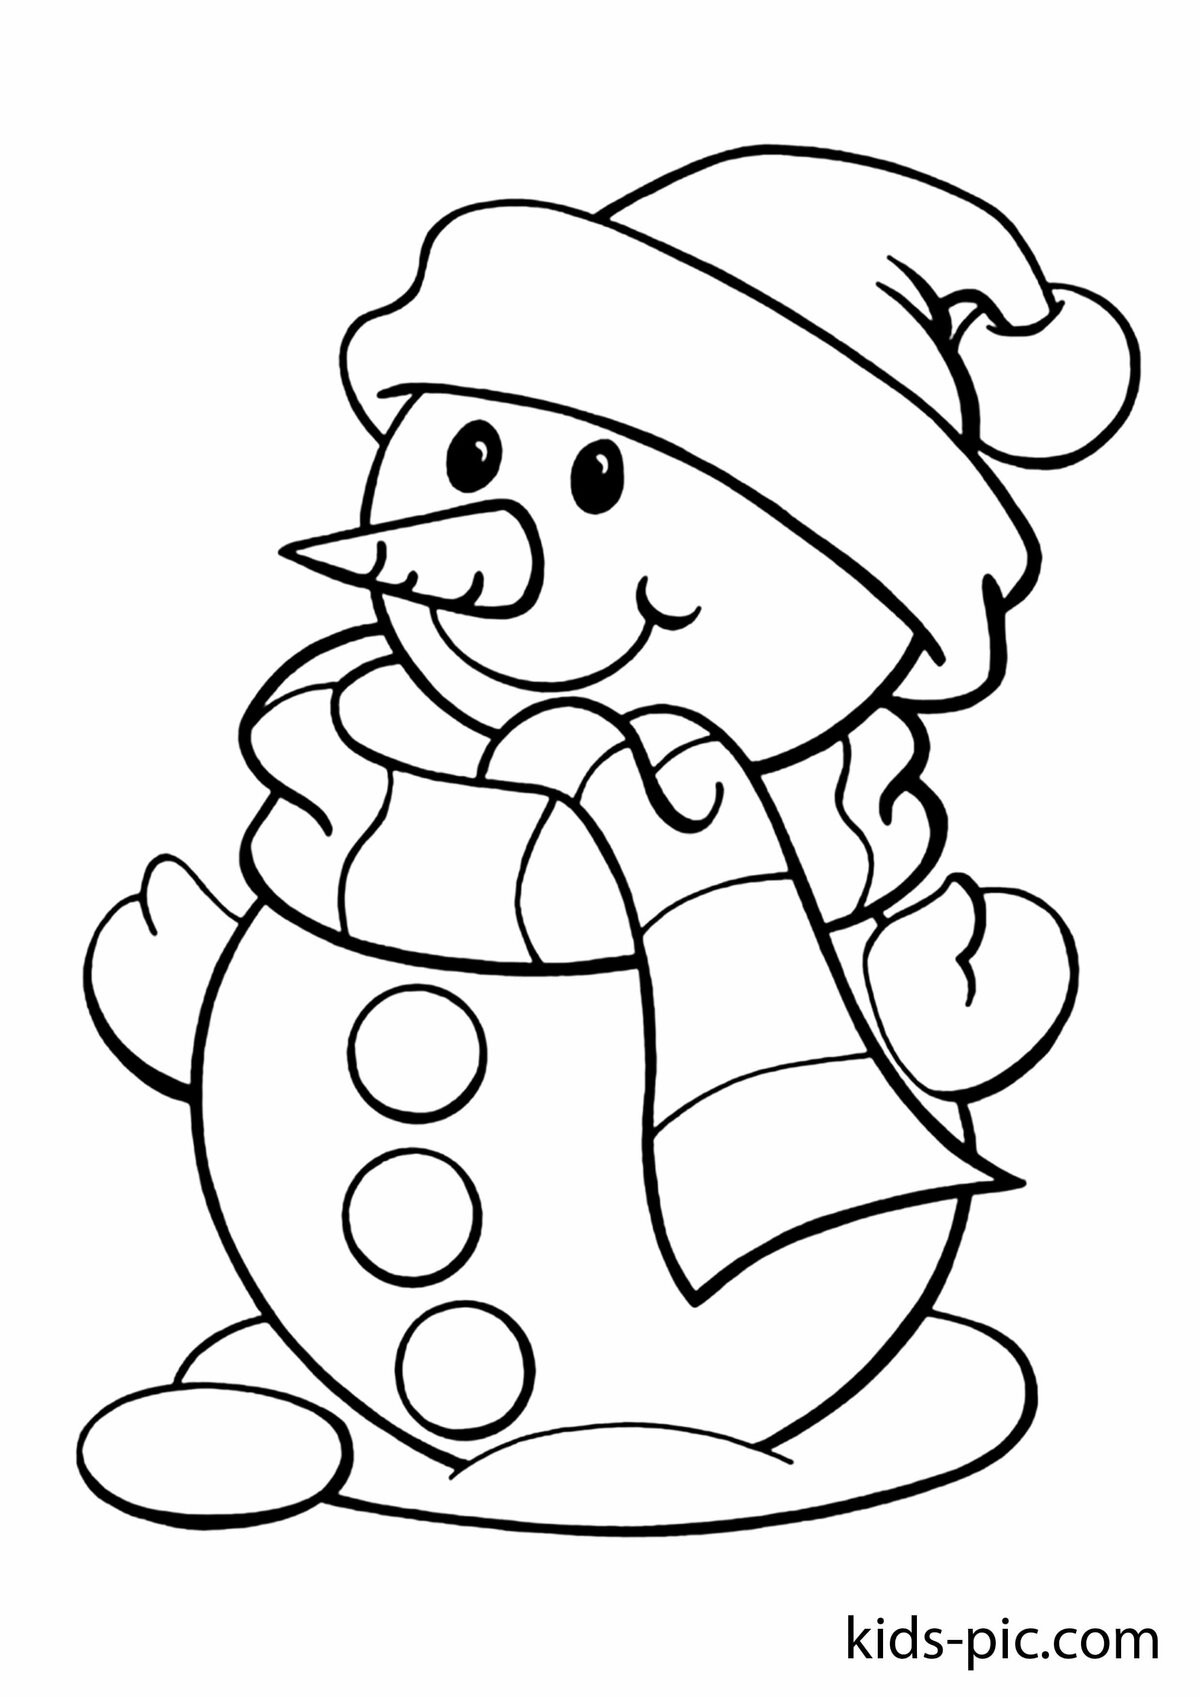 Картинки снеговиков на новый год для срисовки